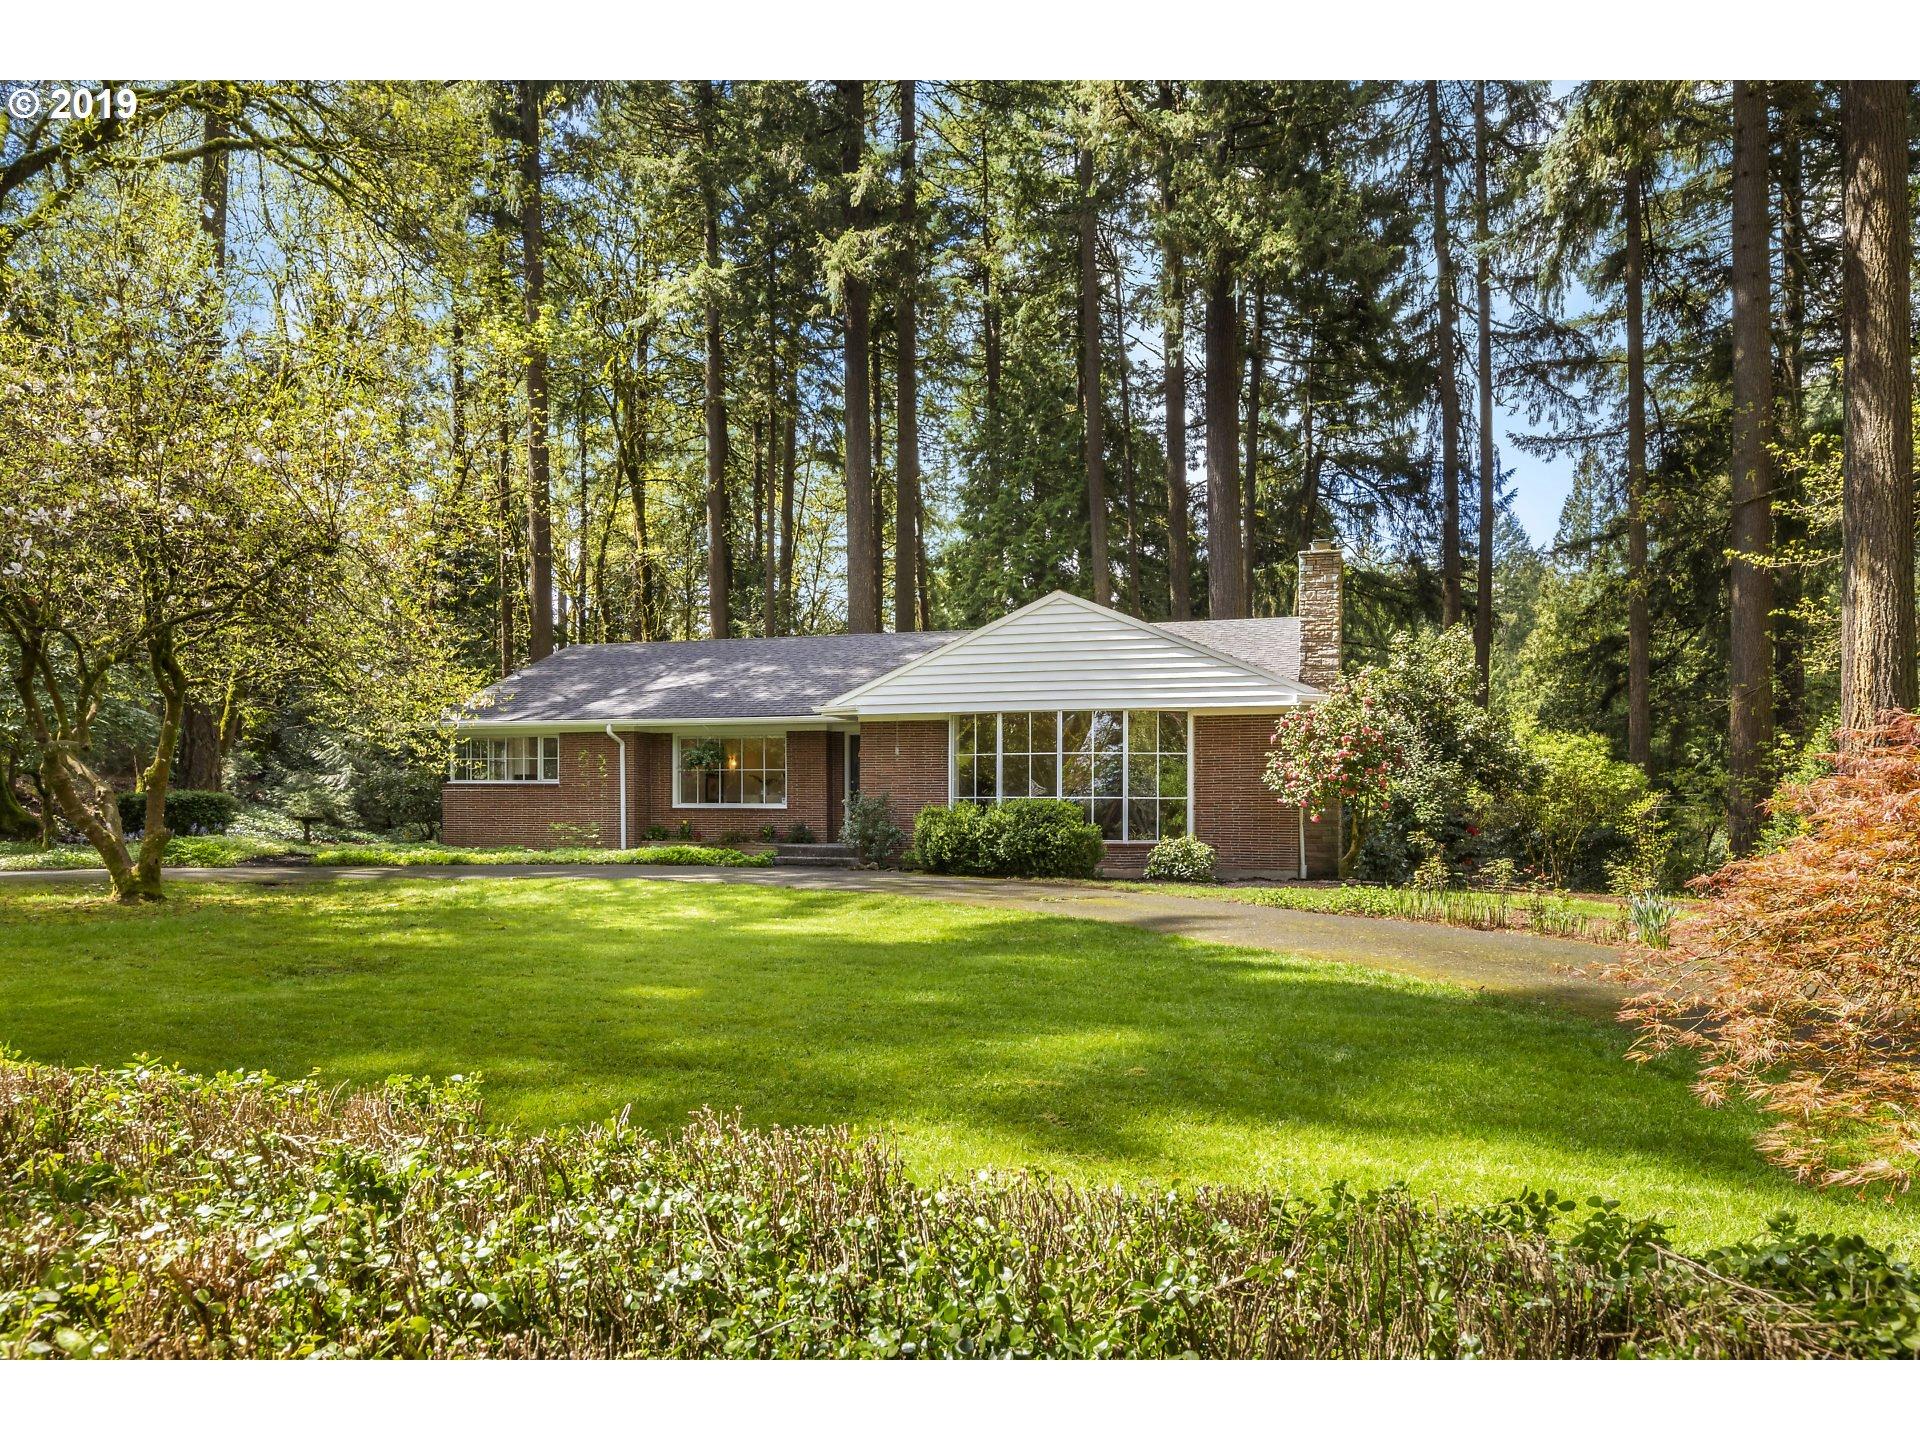 295 SW Birdshill RD, Portland OR 97219